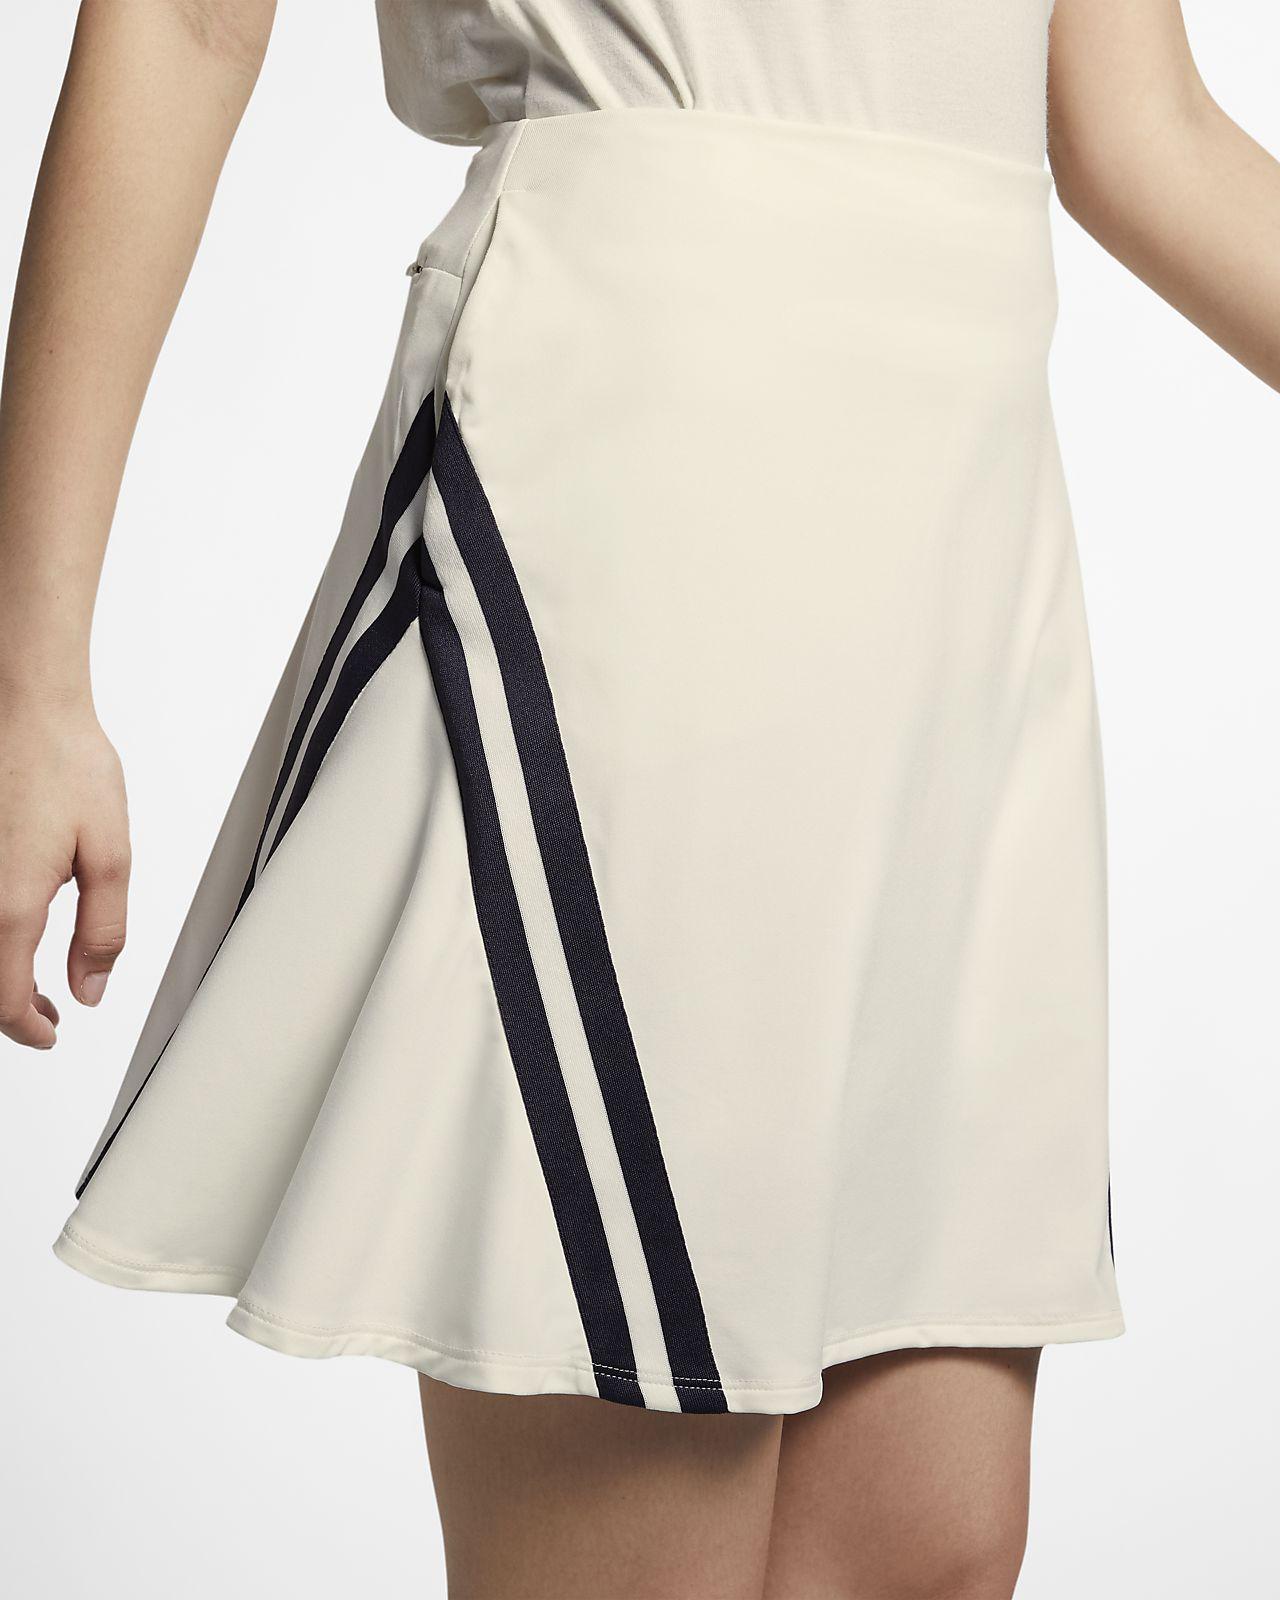 Falda de golf de 43 cm para mujer Nike Dri-FIT UV